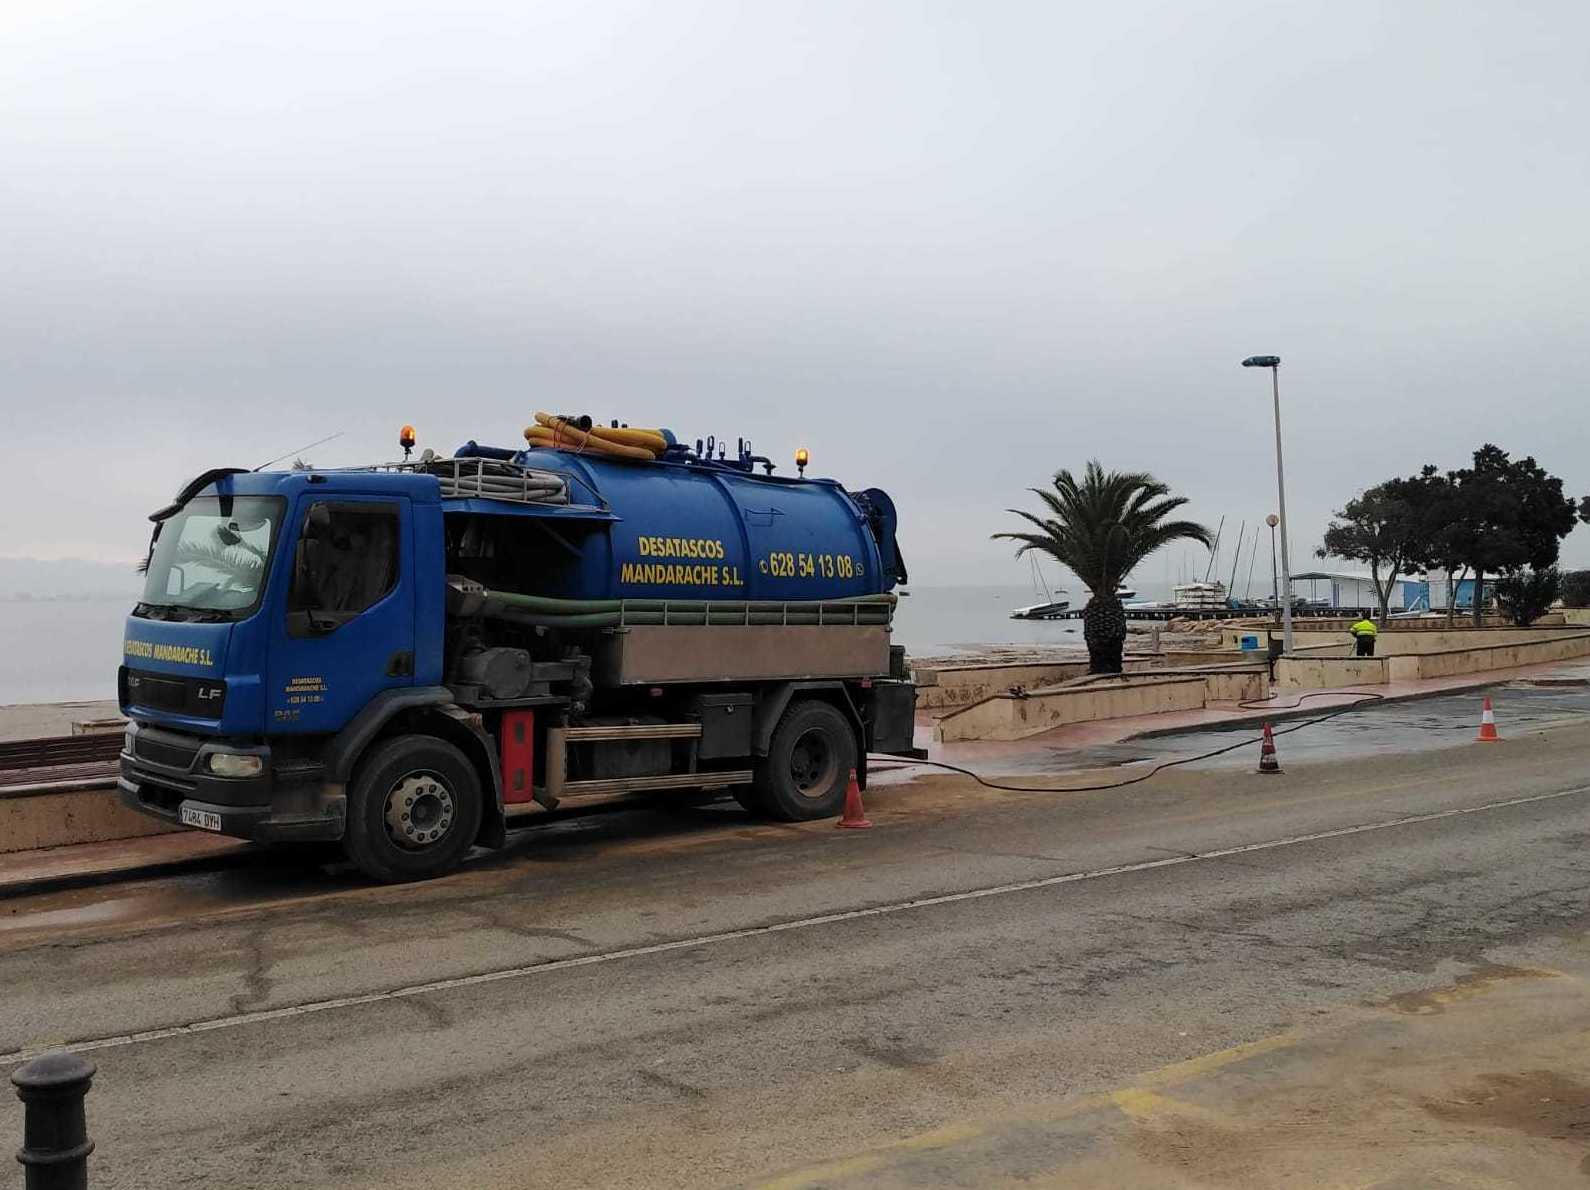 Foto 50 de Desatascos en Cartagena | Desatascos Mandarache, S.L.